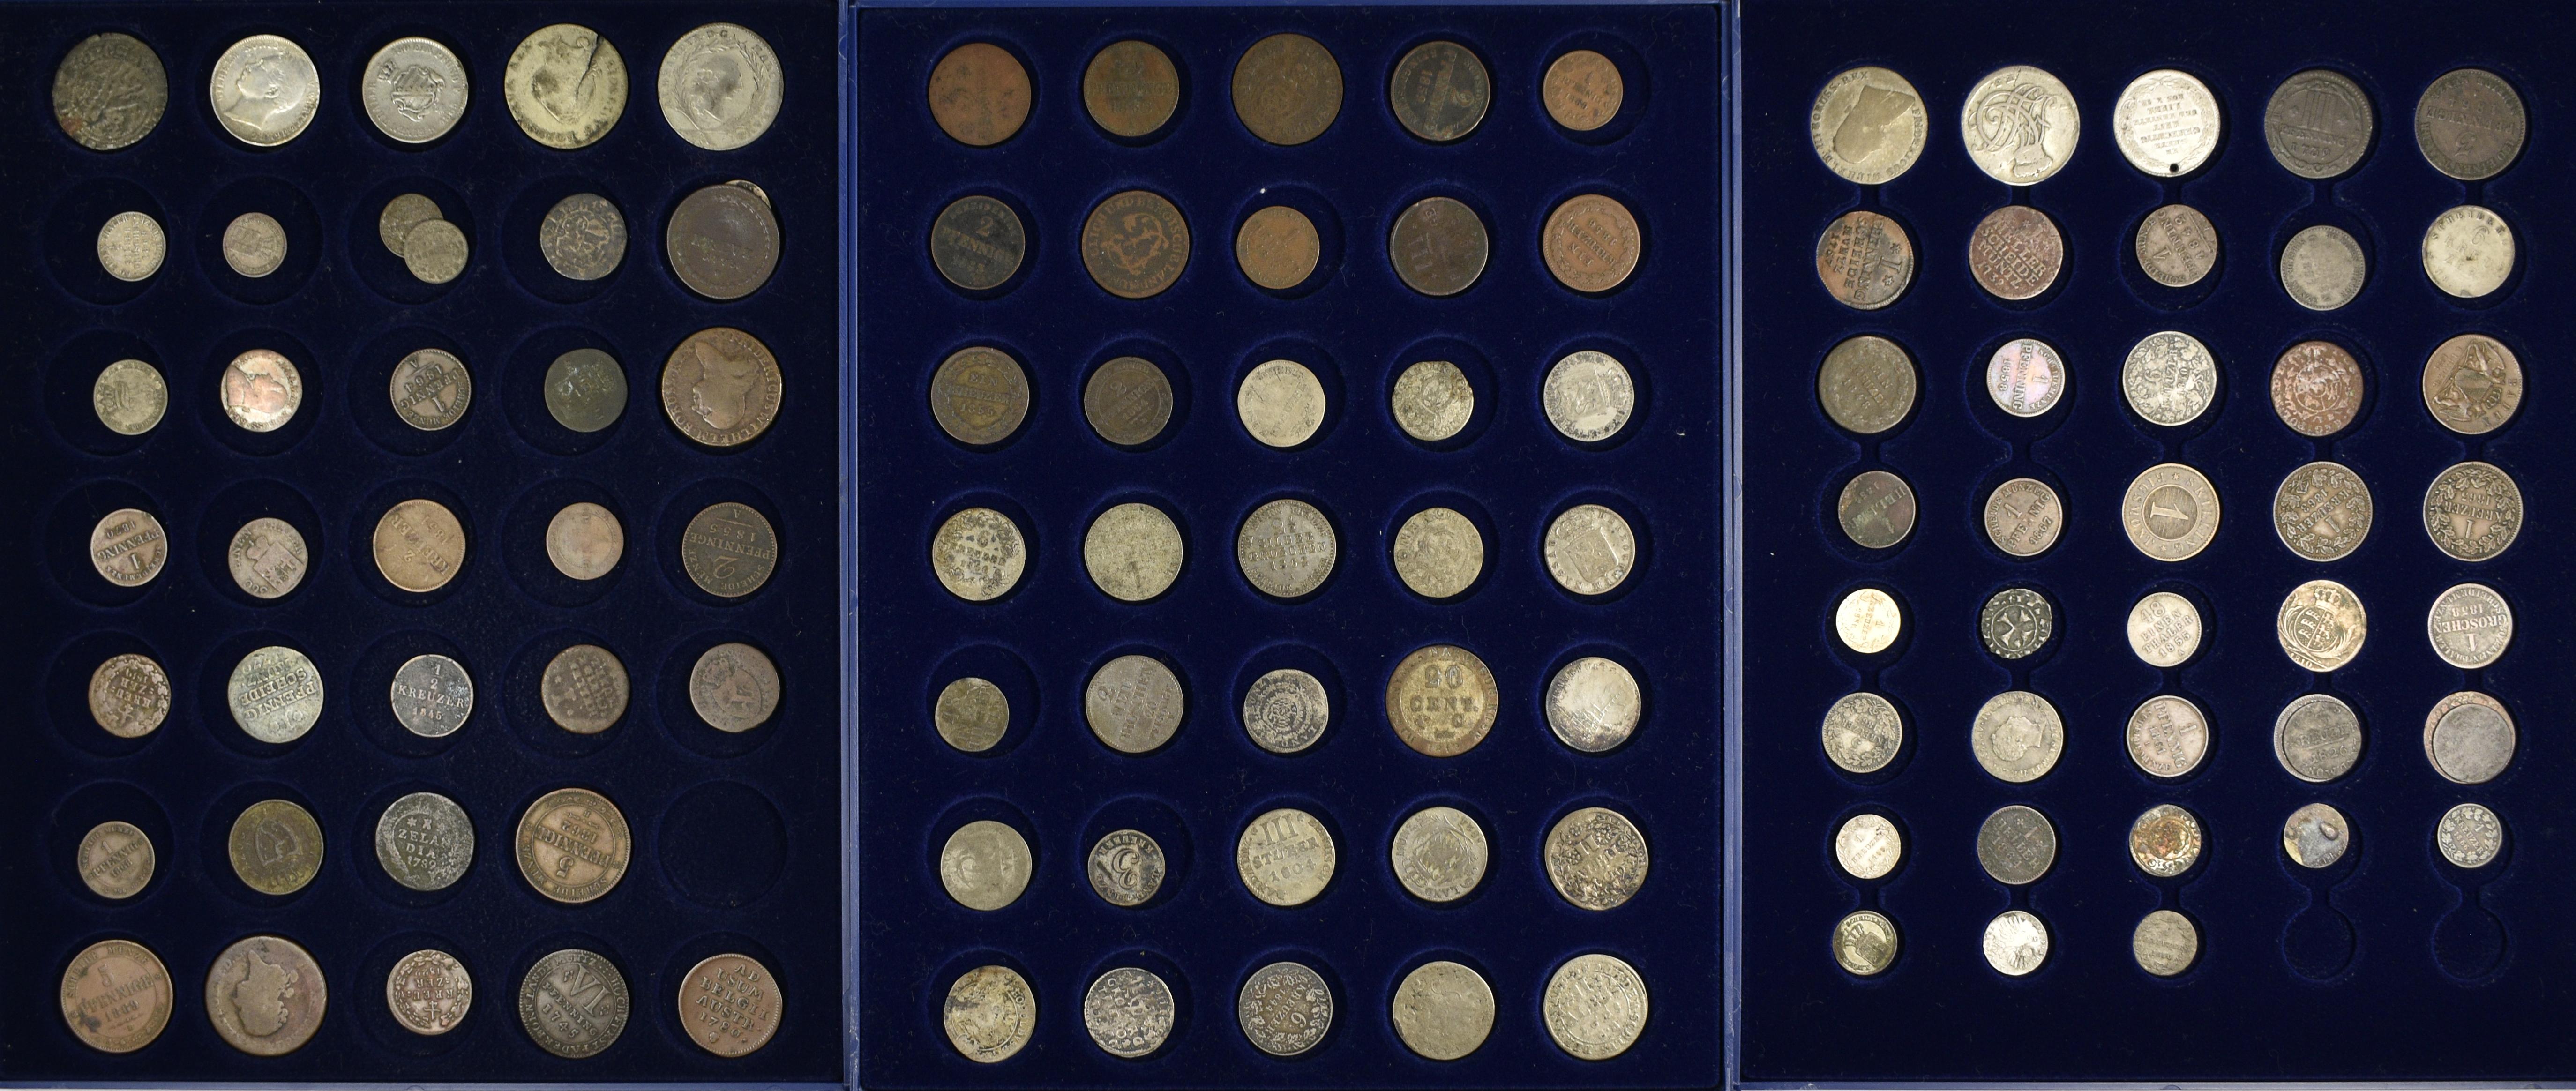 Lot 05130 - Altdeutschland und RDR bis 1800 | Münzen  -  Auktionshaus Christoph Gärtner GmbH & Co. KG Sale #45 Banknotes Germany/Numismatics